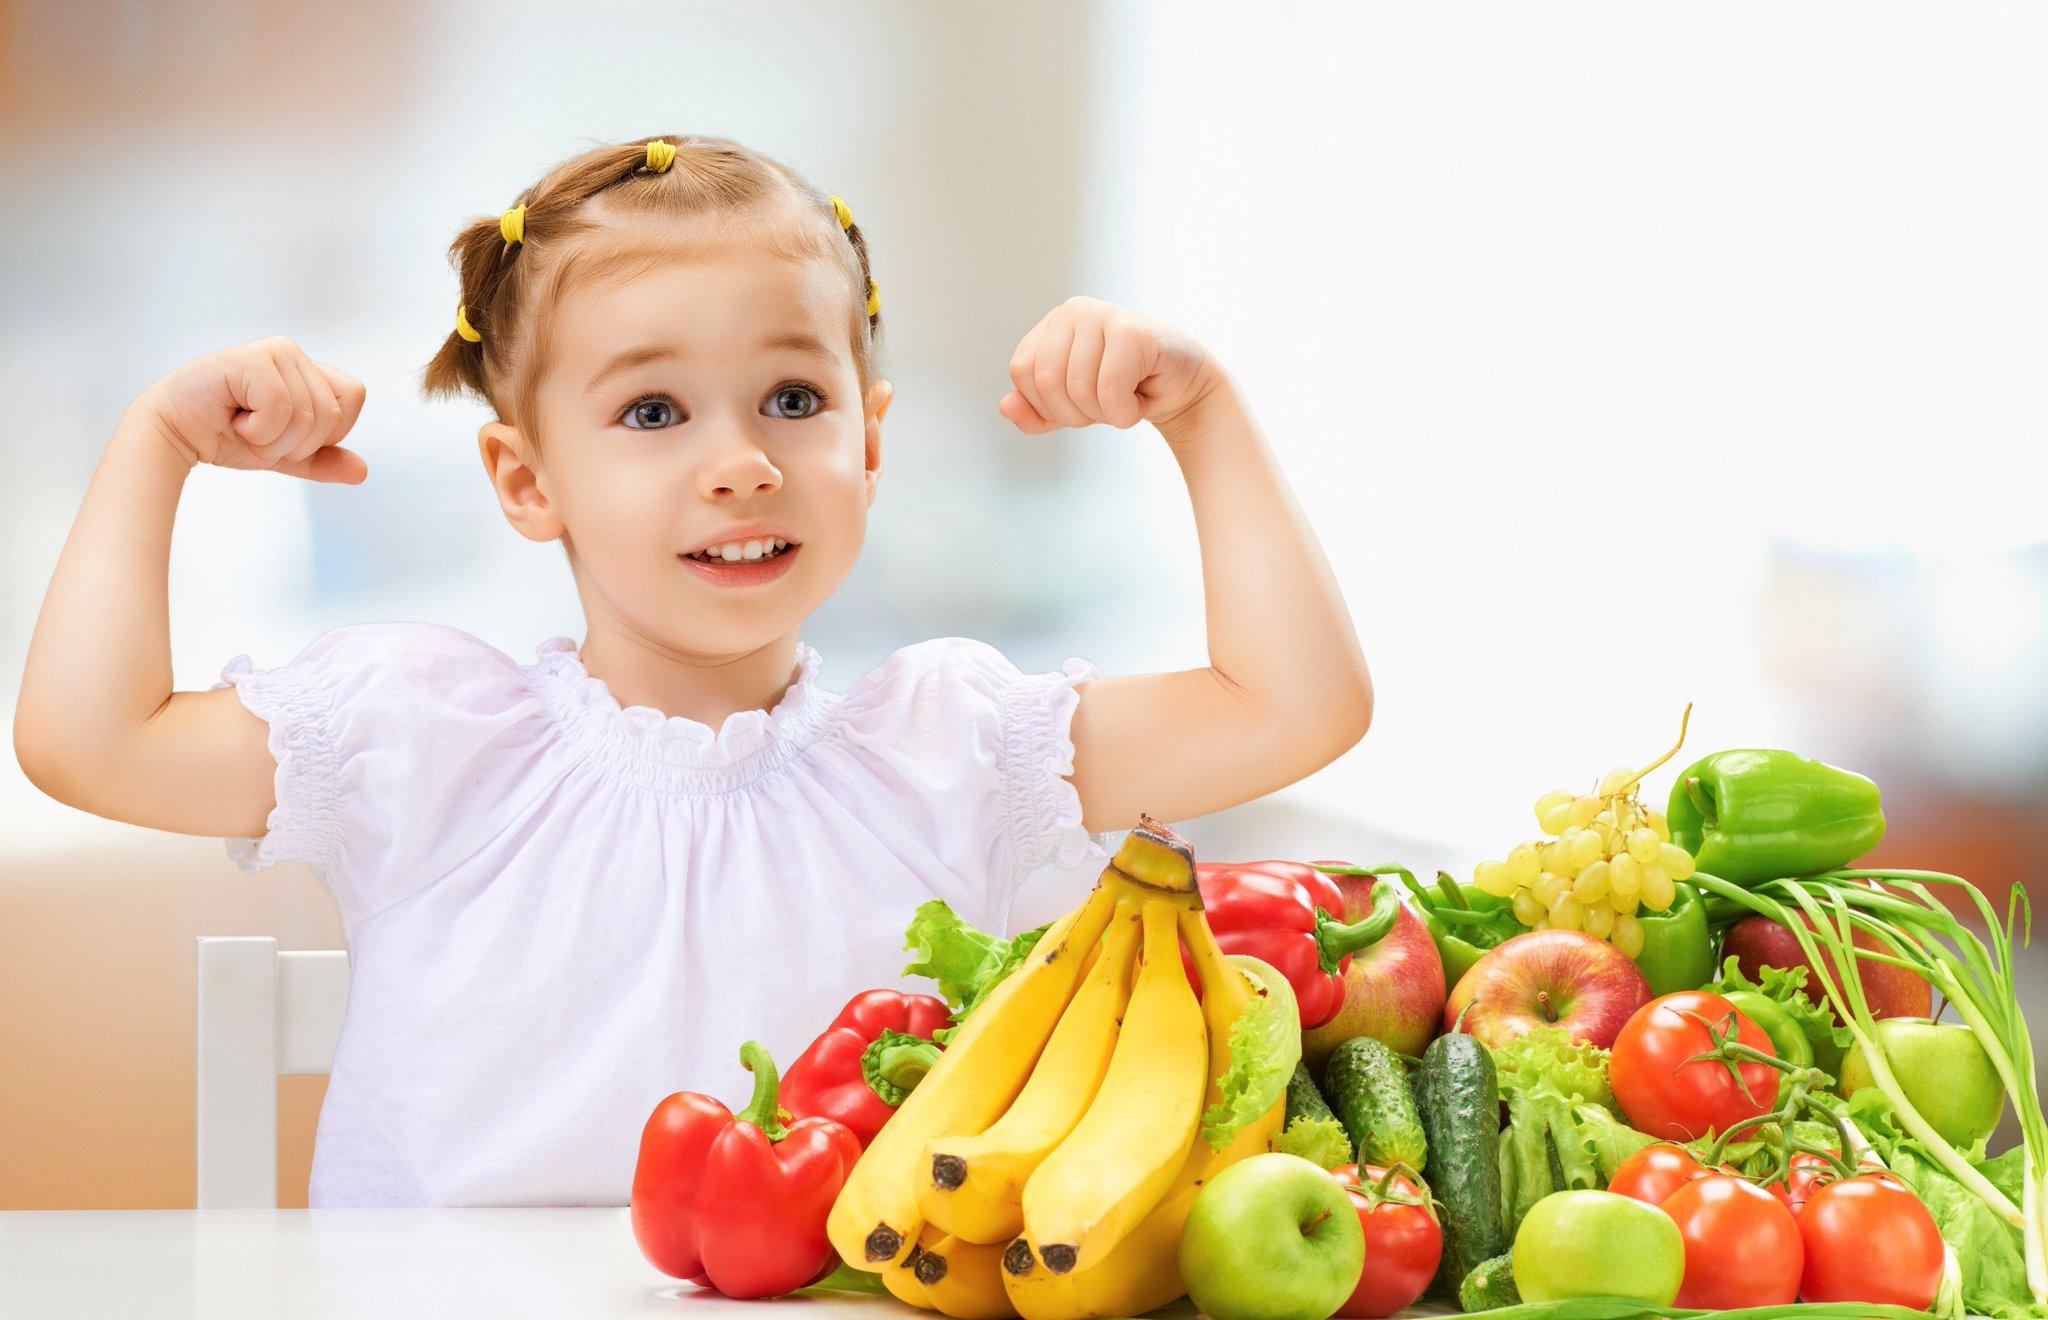 """Dinh dưỡng cho miễn dịch khỏe mạnh – """"chìa khóa"""" để con không còn ho, sốt, sổ mũi khi giao mùa ! - 1"""